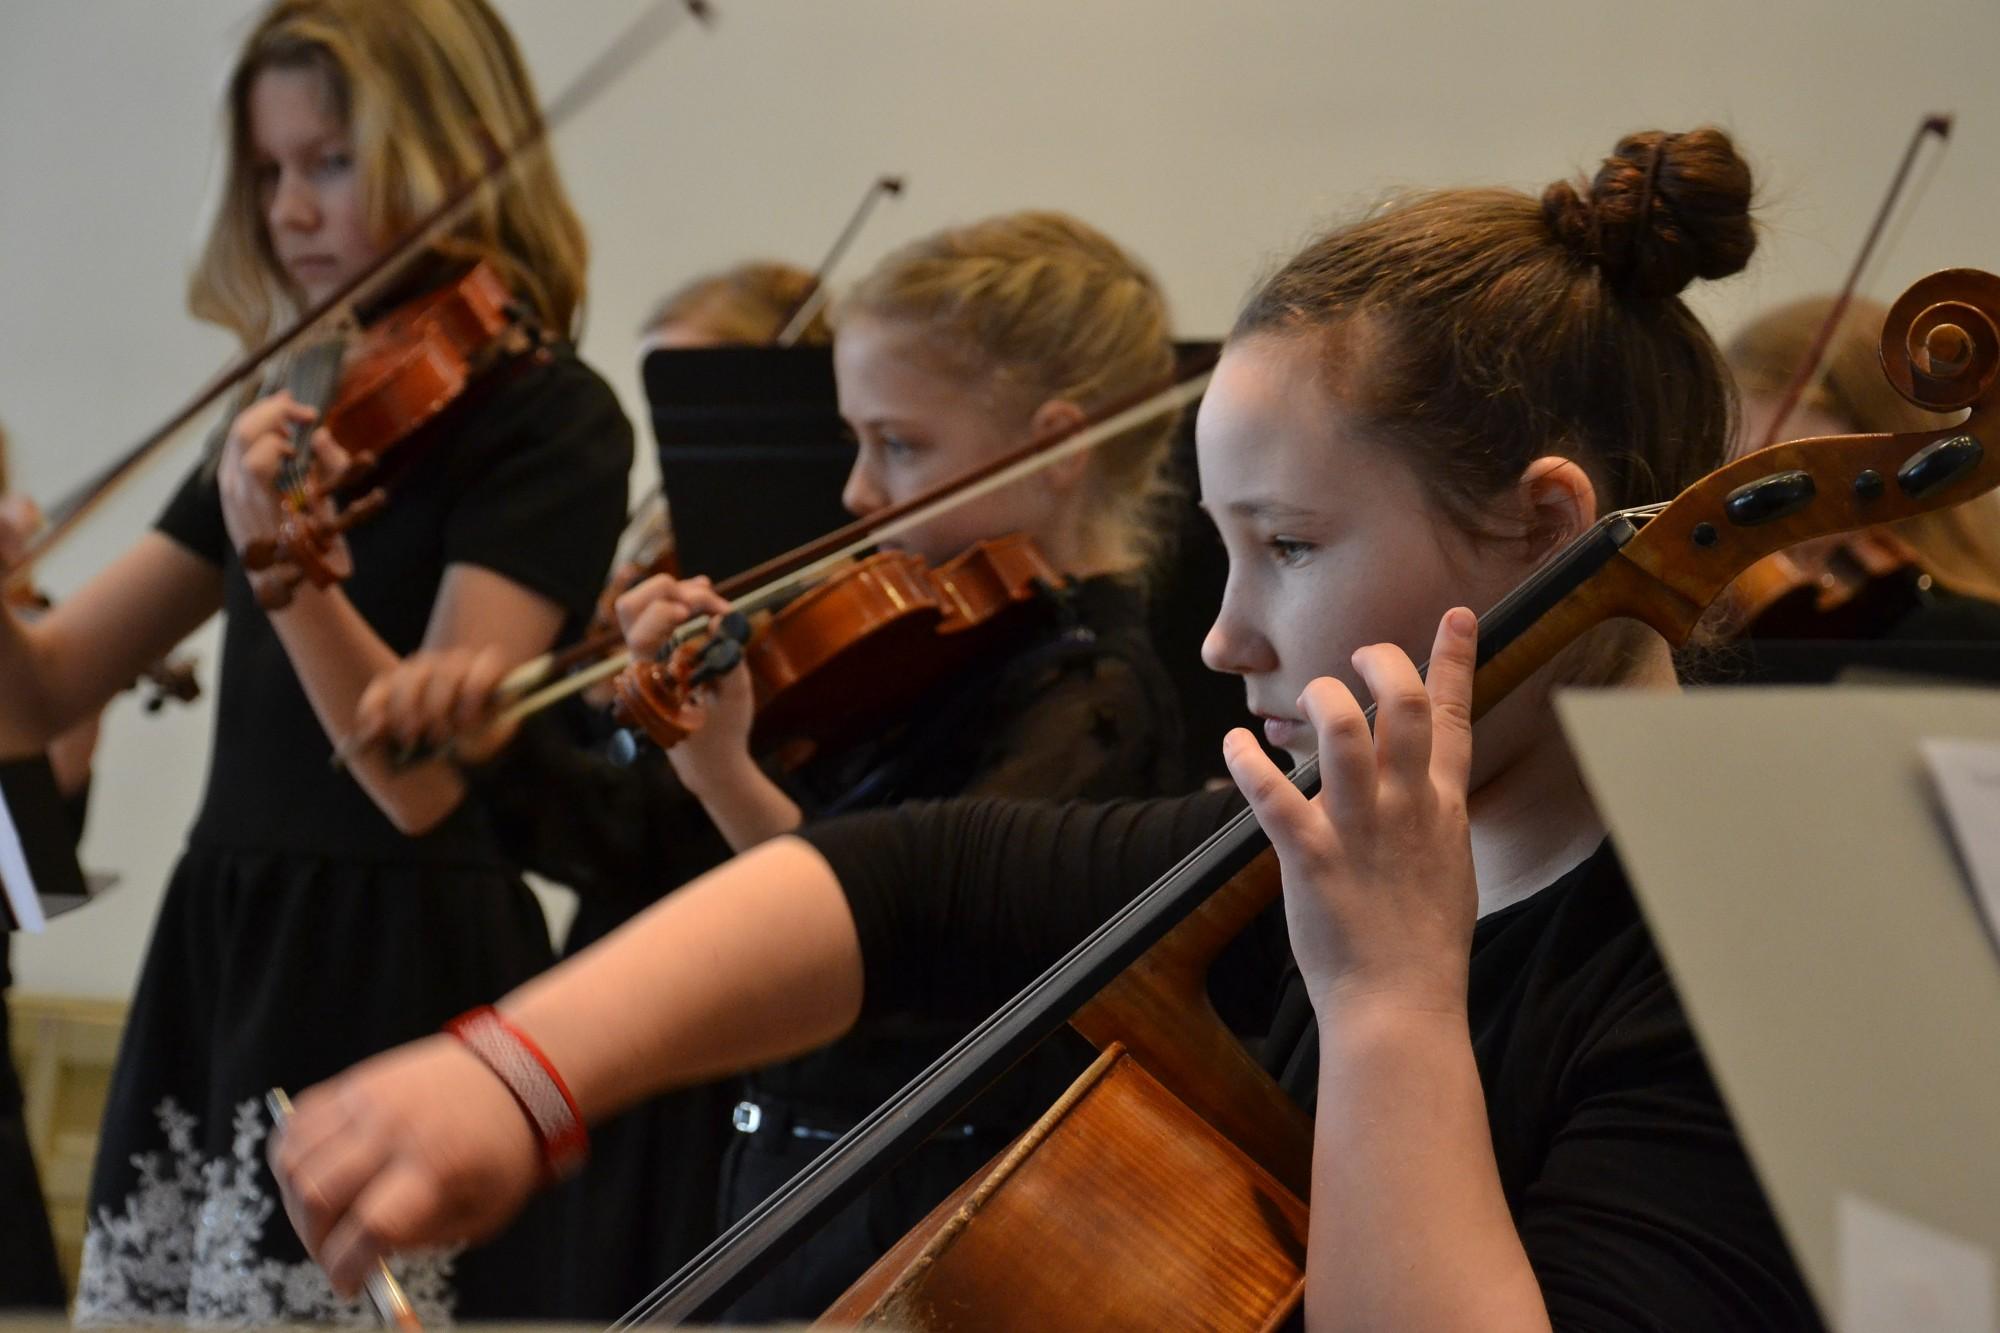 Интерес к музицированию в оркестре